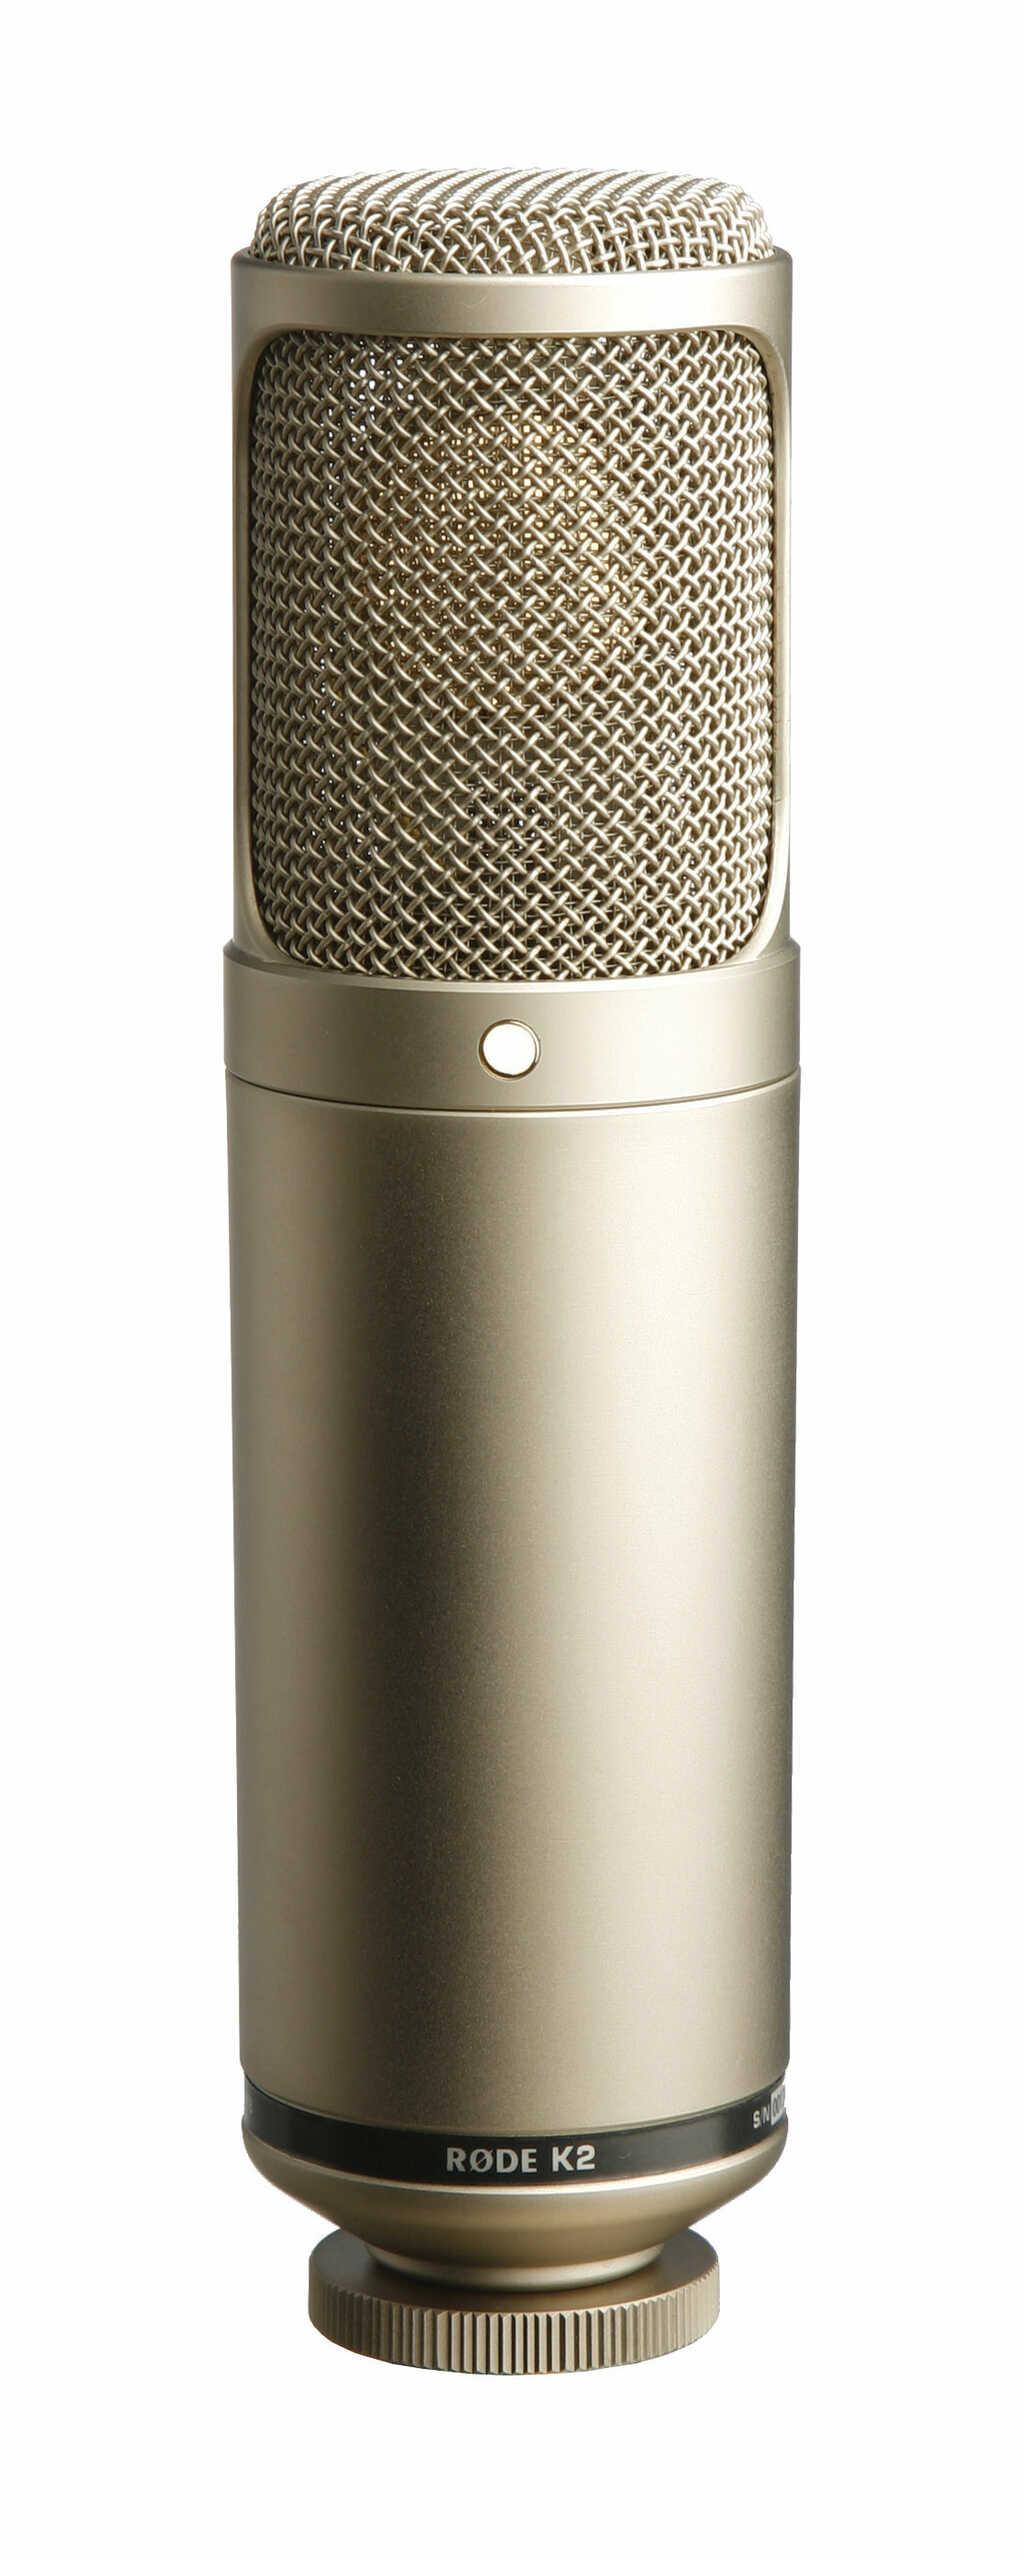 Rode K2 - mikrofon pojemnościowy lampowy studyjny Rode K2 - mikrofon pojemnościowy lampowy studyjny